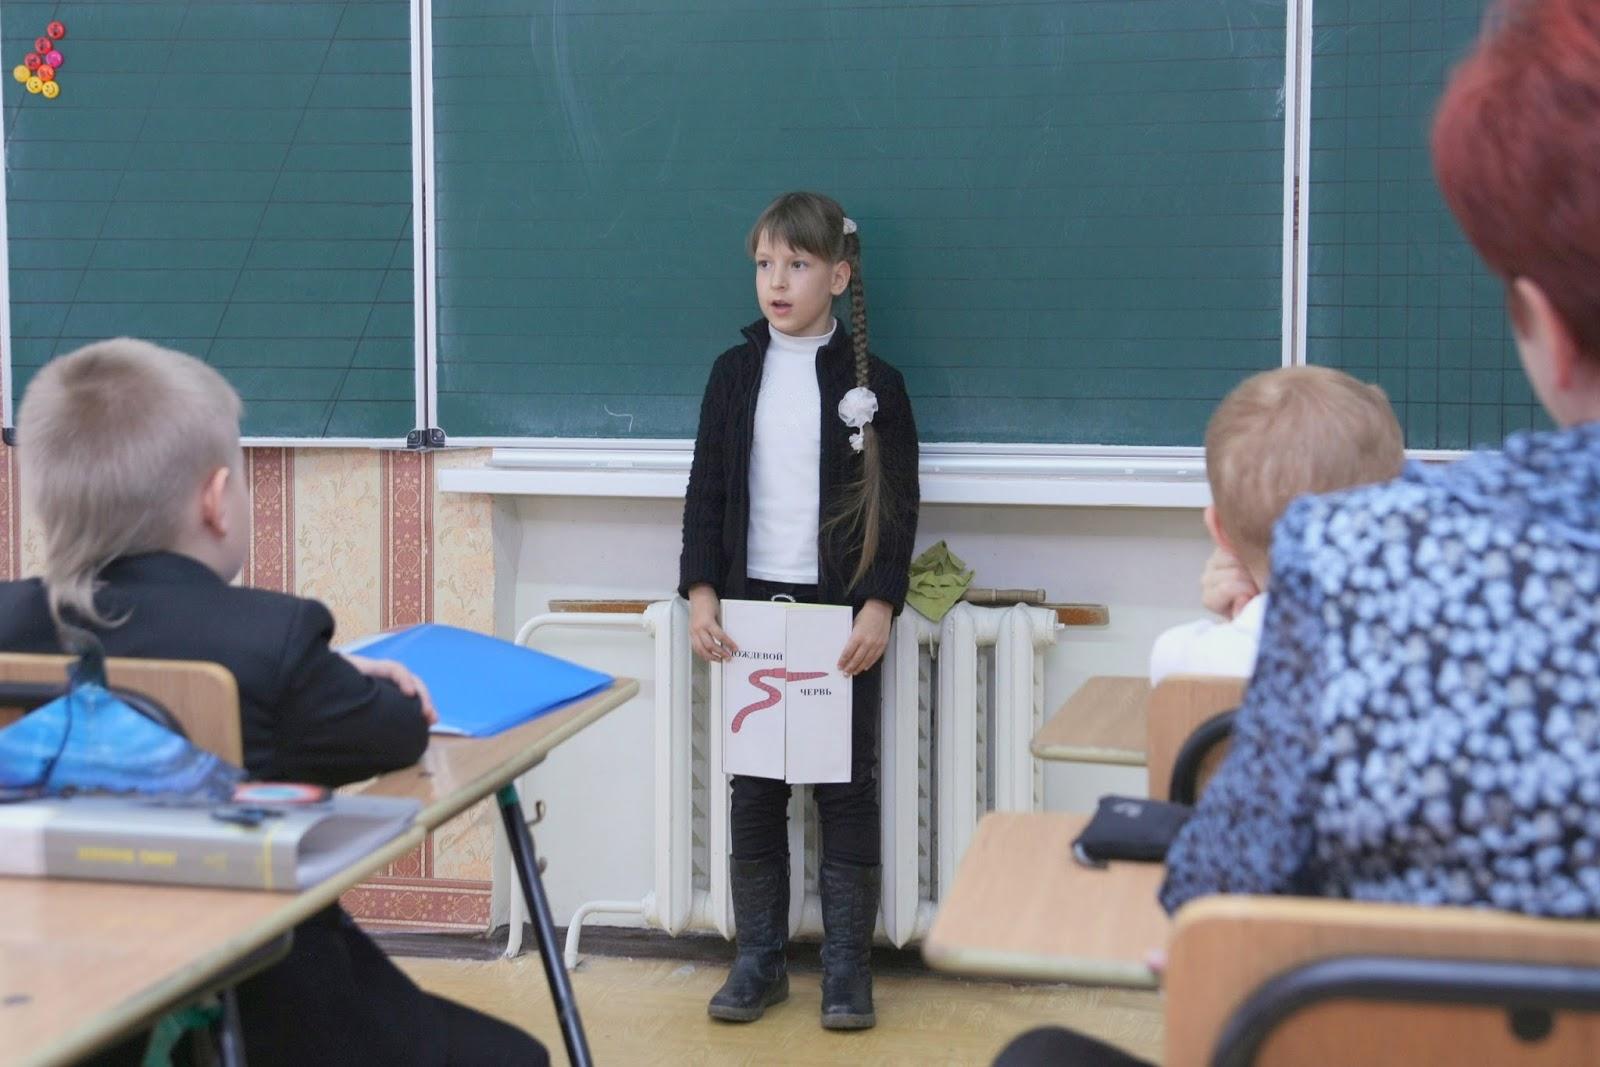 Как писать и оформлять реферат доклад и прочие самостоятельные  Защита доклада Изучение дождевого червя в домашних условиях на школьном этапе конкурса Я первооткрыватель Катя 1 класс 2015 г